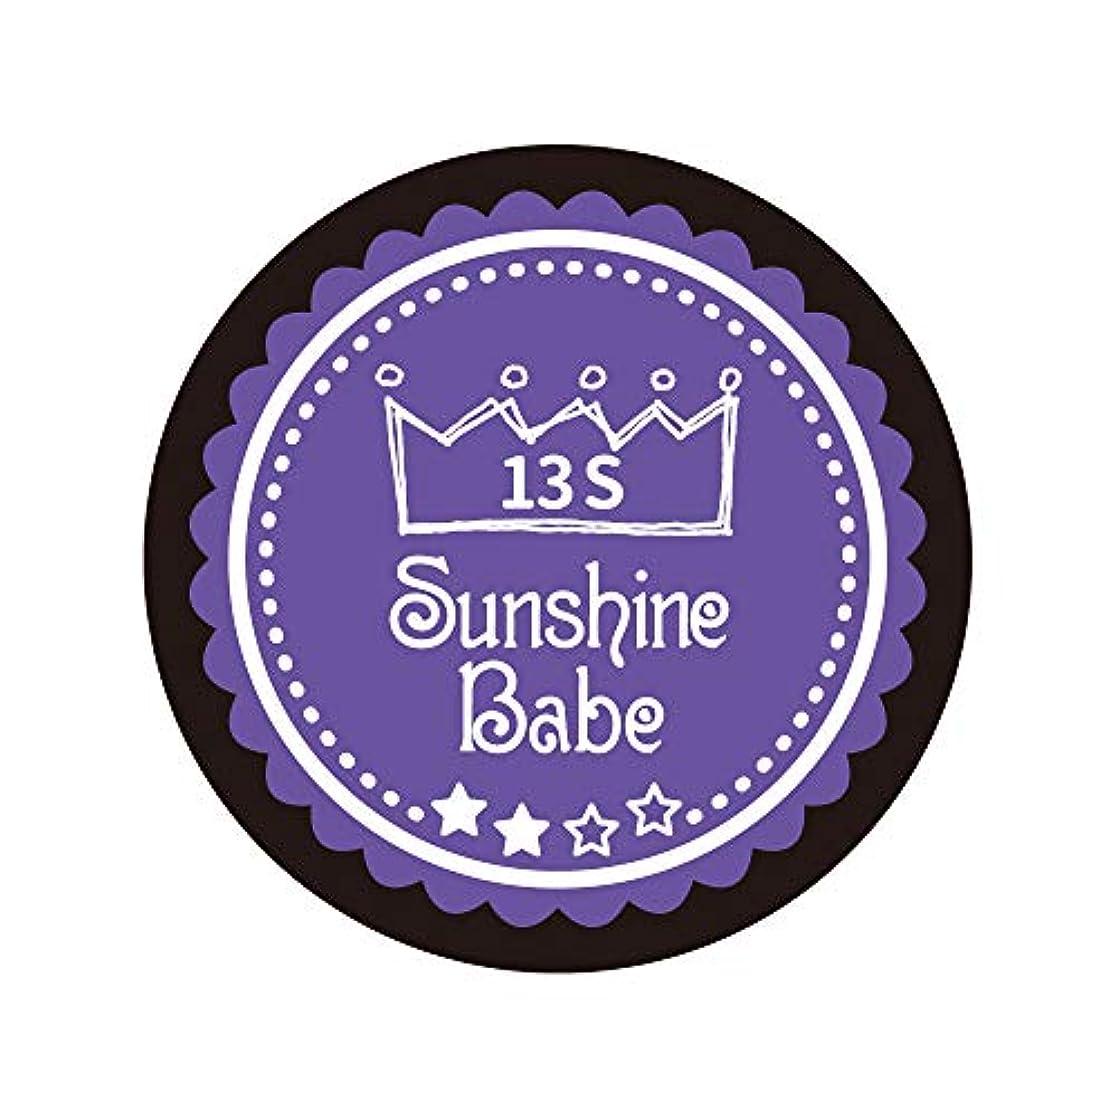 スクラッチ荒廃する忘れるSunshine Babe コスメティックカラー 13S ウルトラバイオレット 4g UV/LED対応